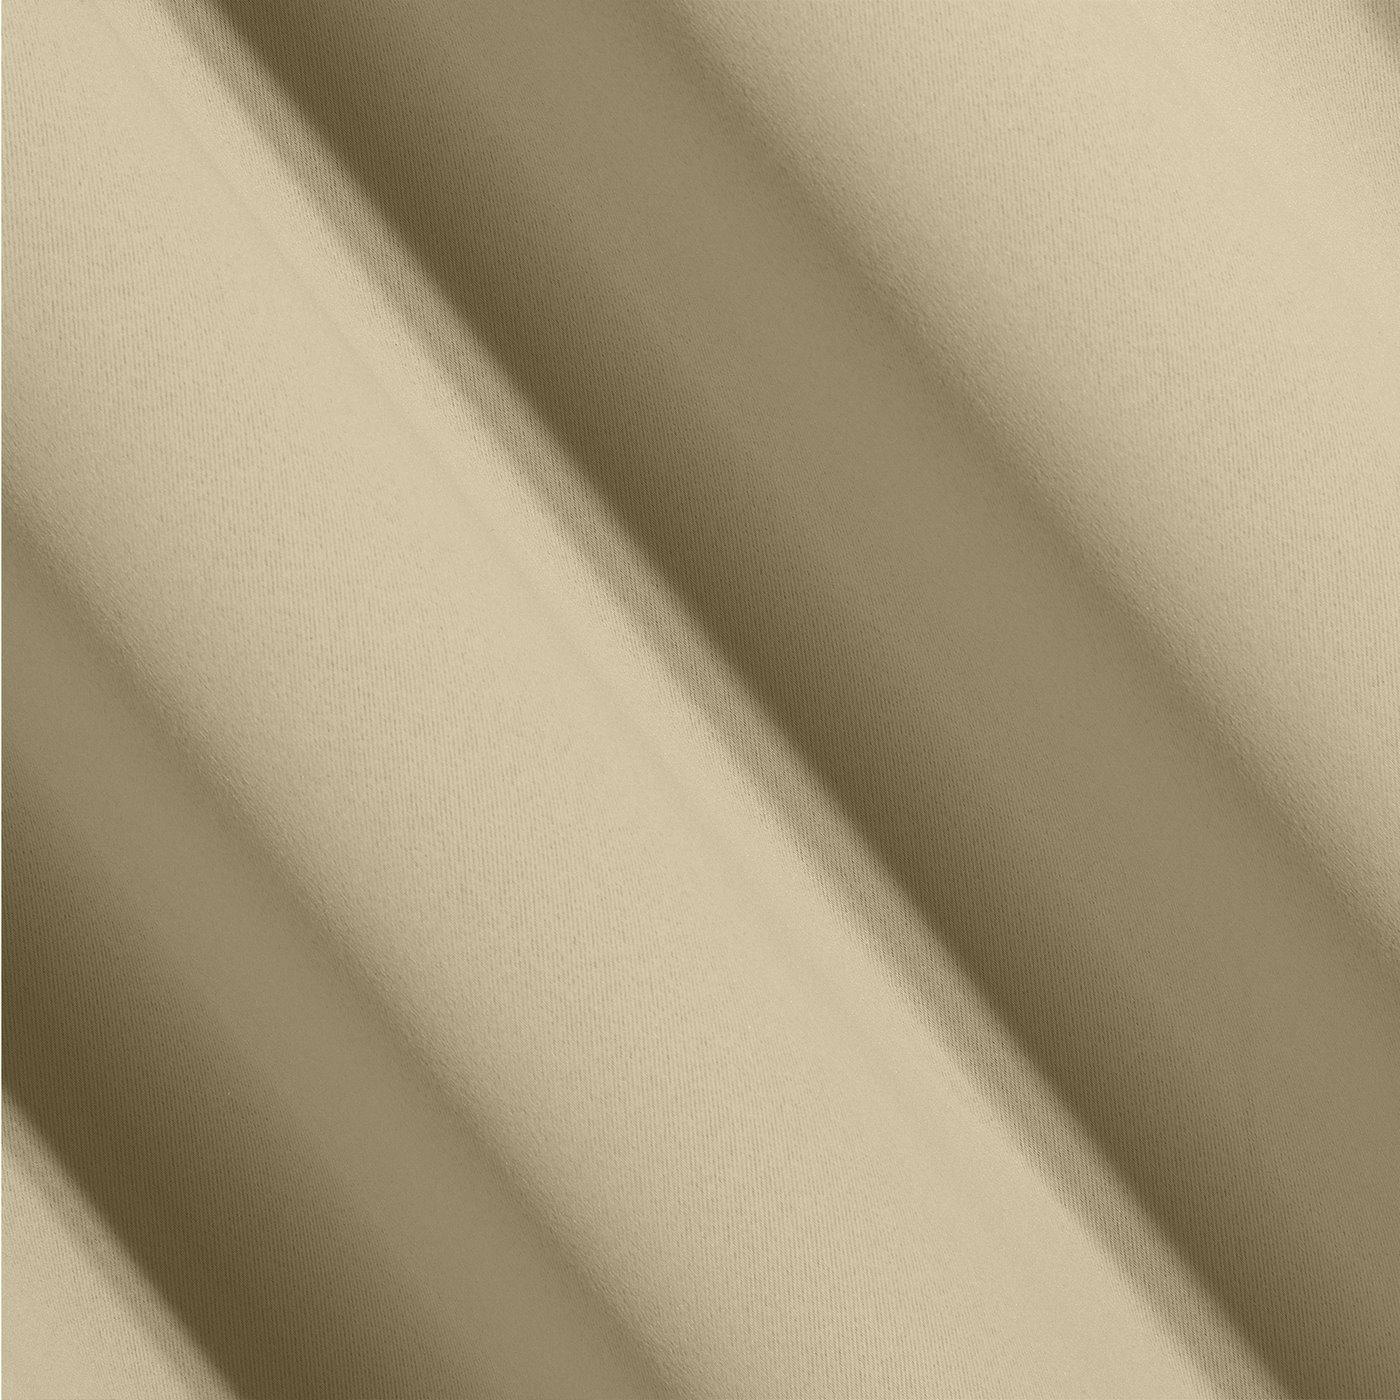 Gładka zasłona beżowa 135x270 na taśmie